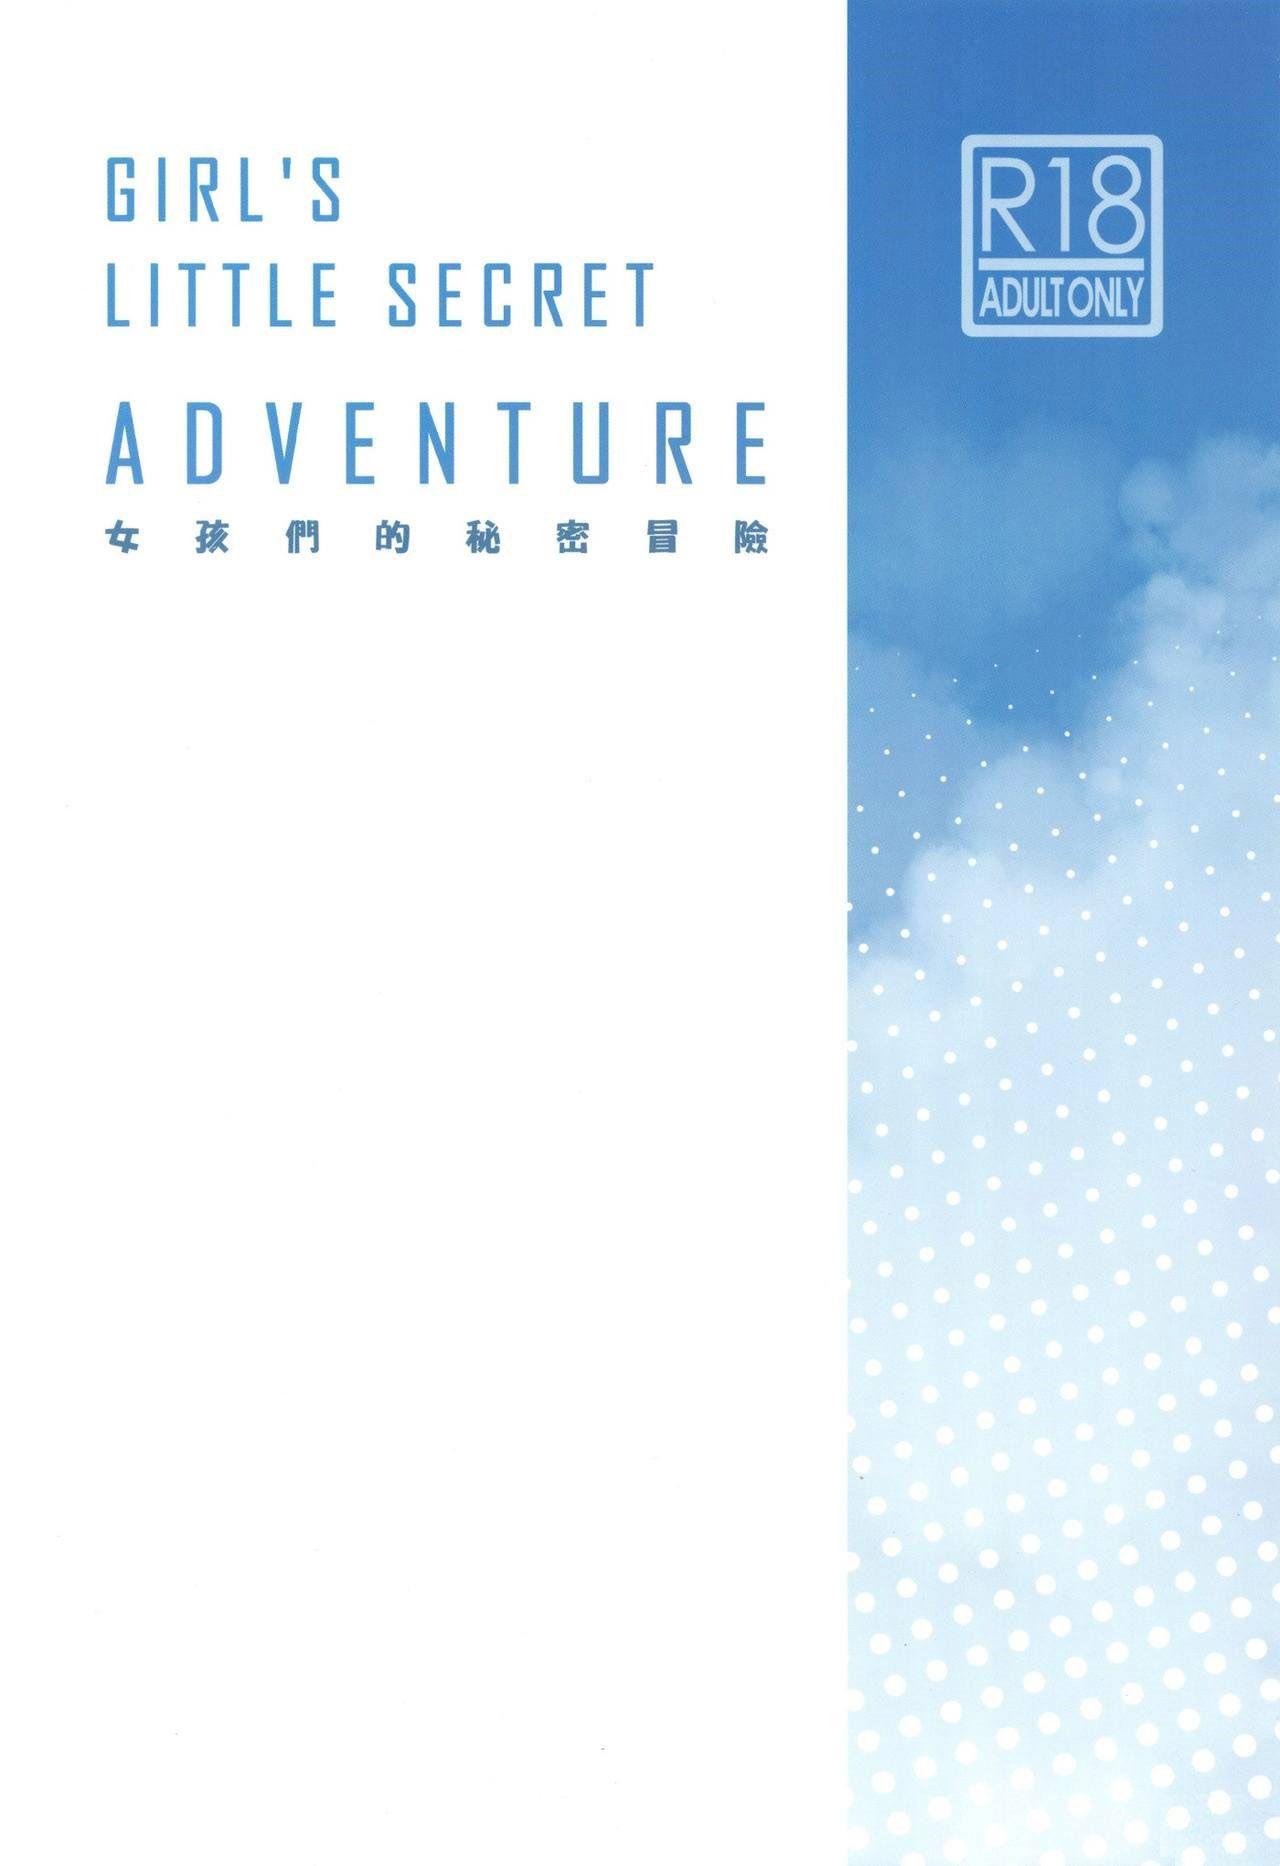 Girl's Little Secret Adventure